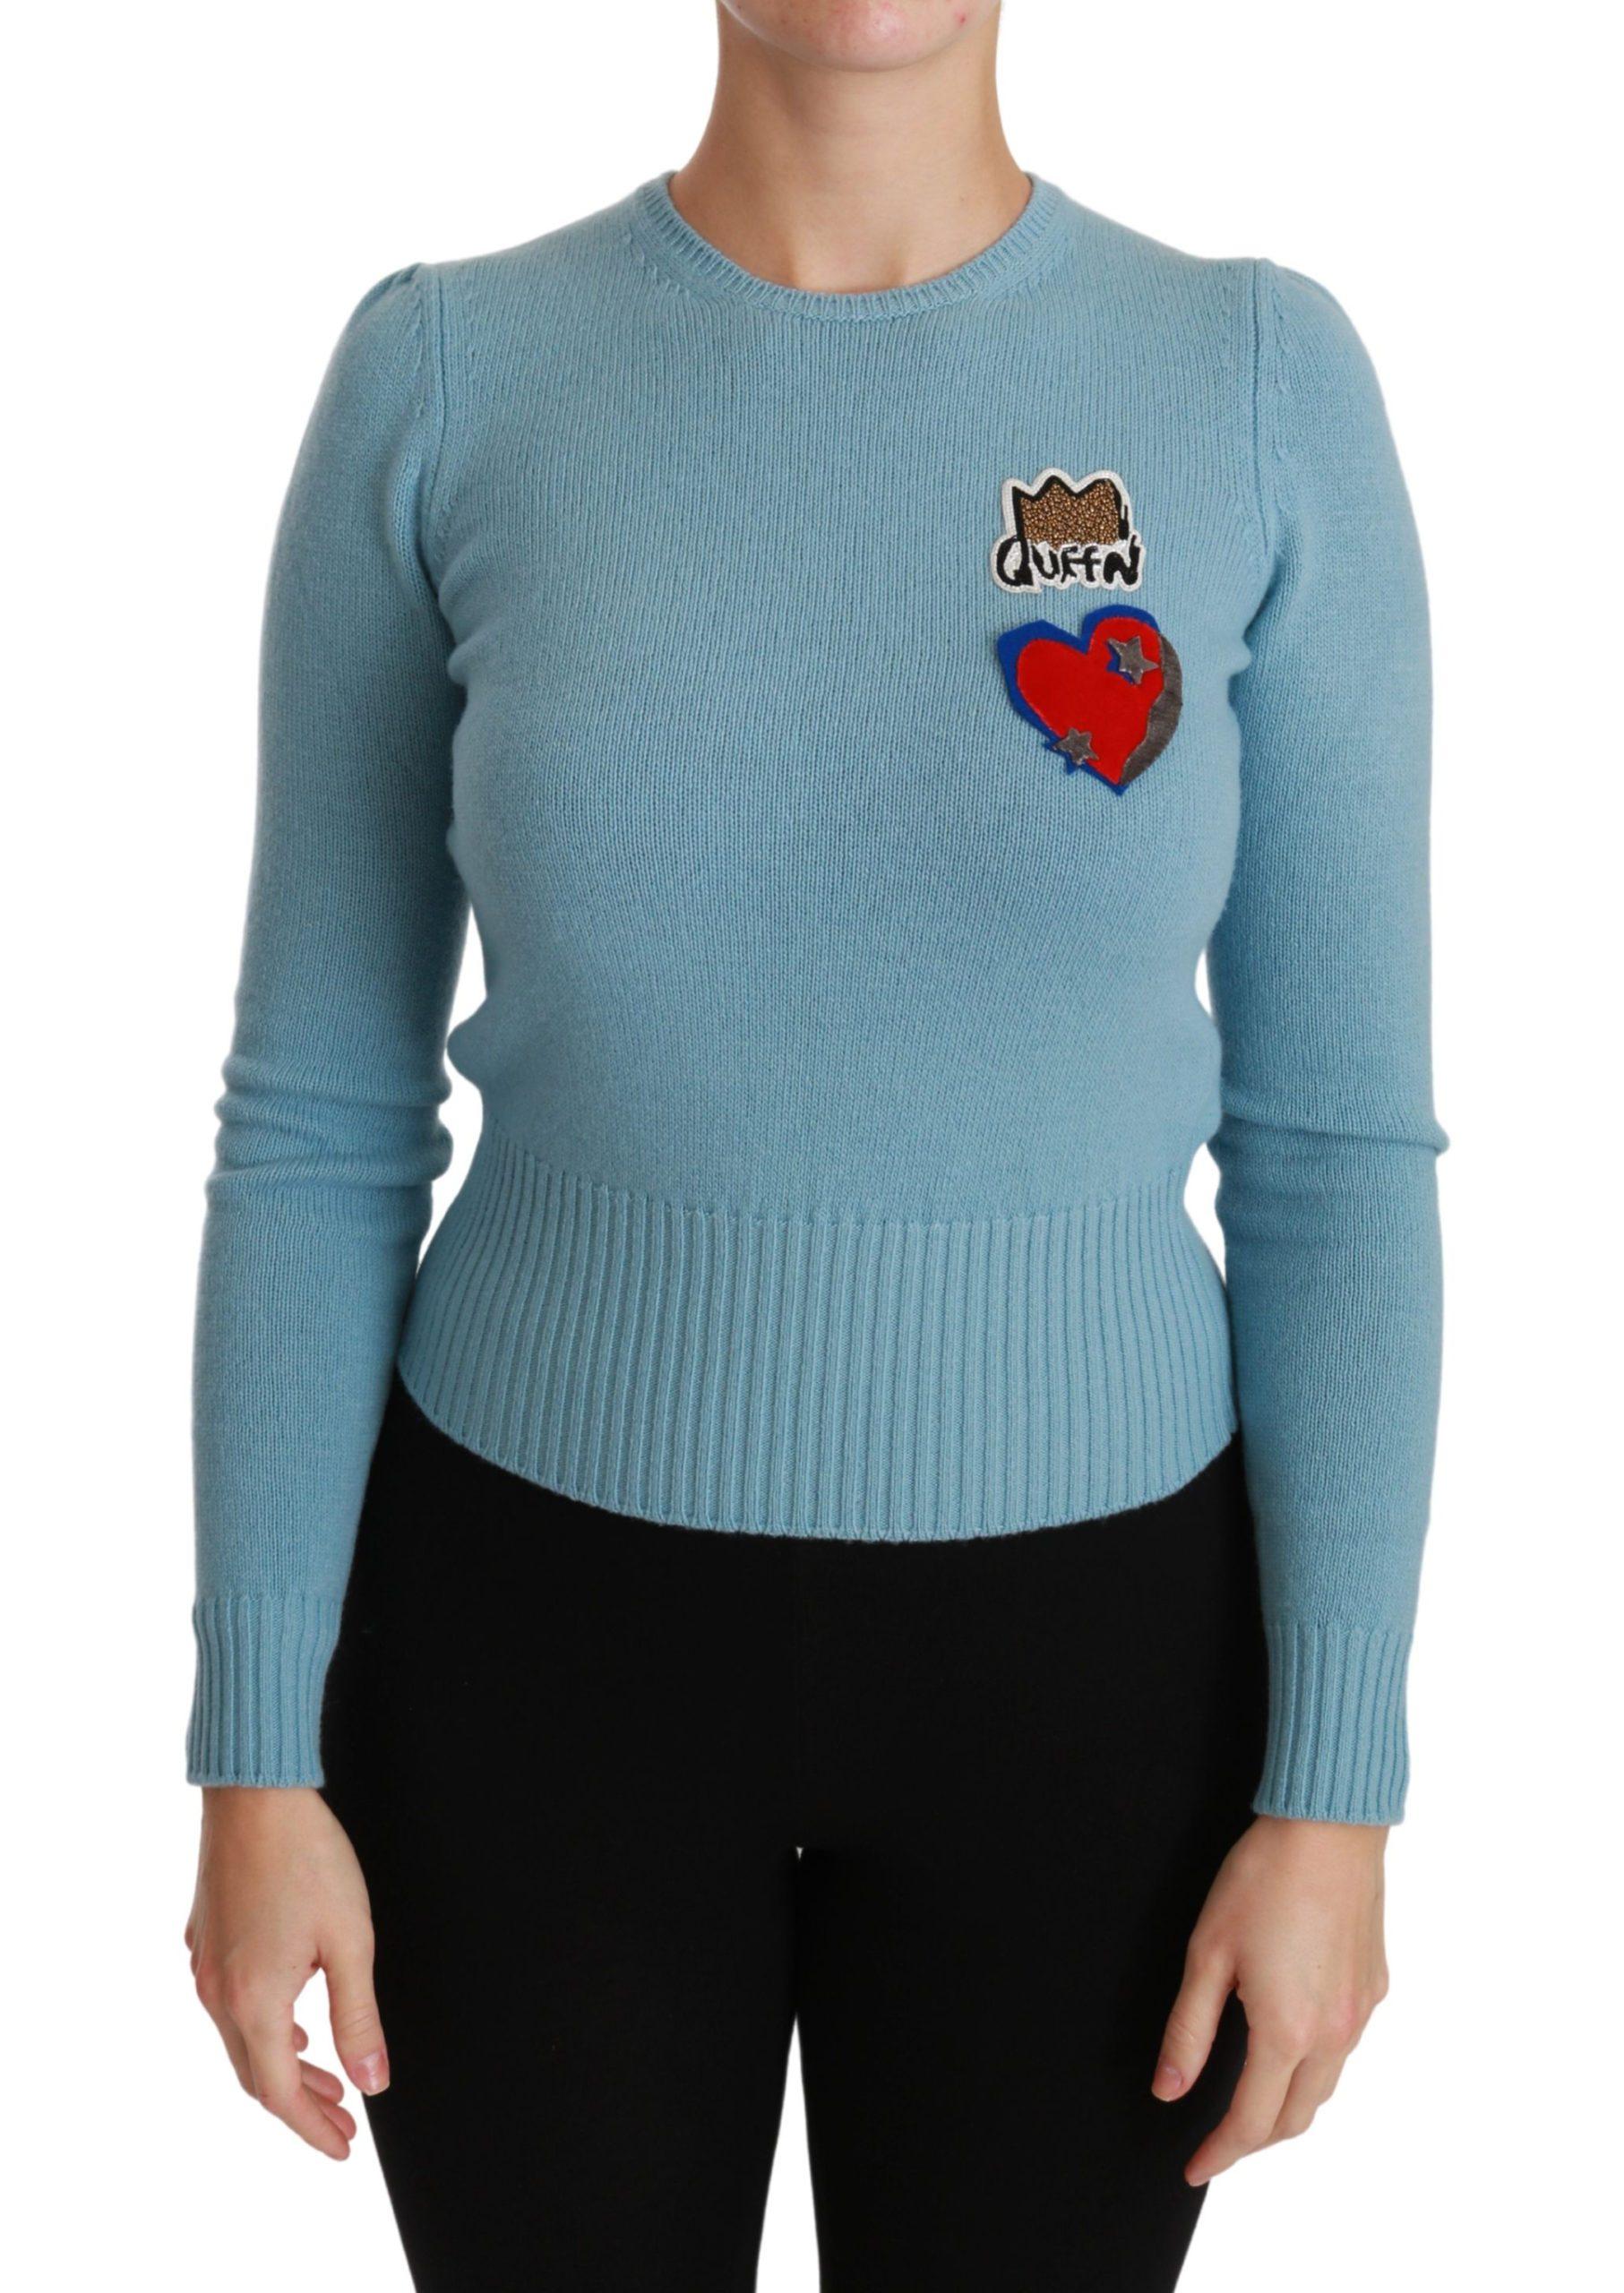 Dolce & Gabbana Women's Wool Queen Heart Pullover Sweater Blue TSH4416 - IT36   XS